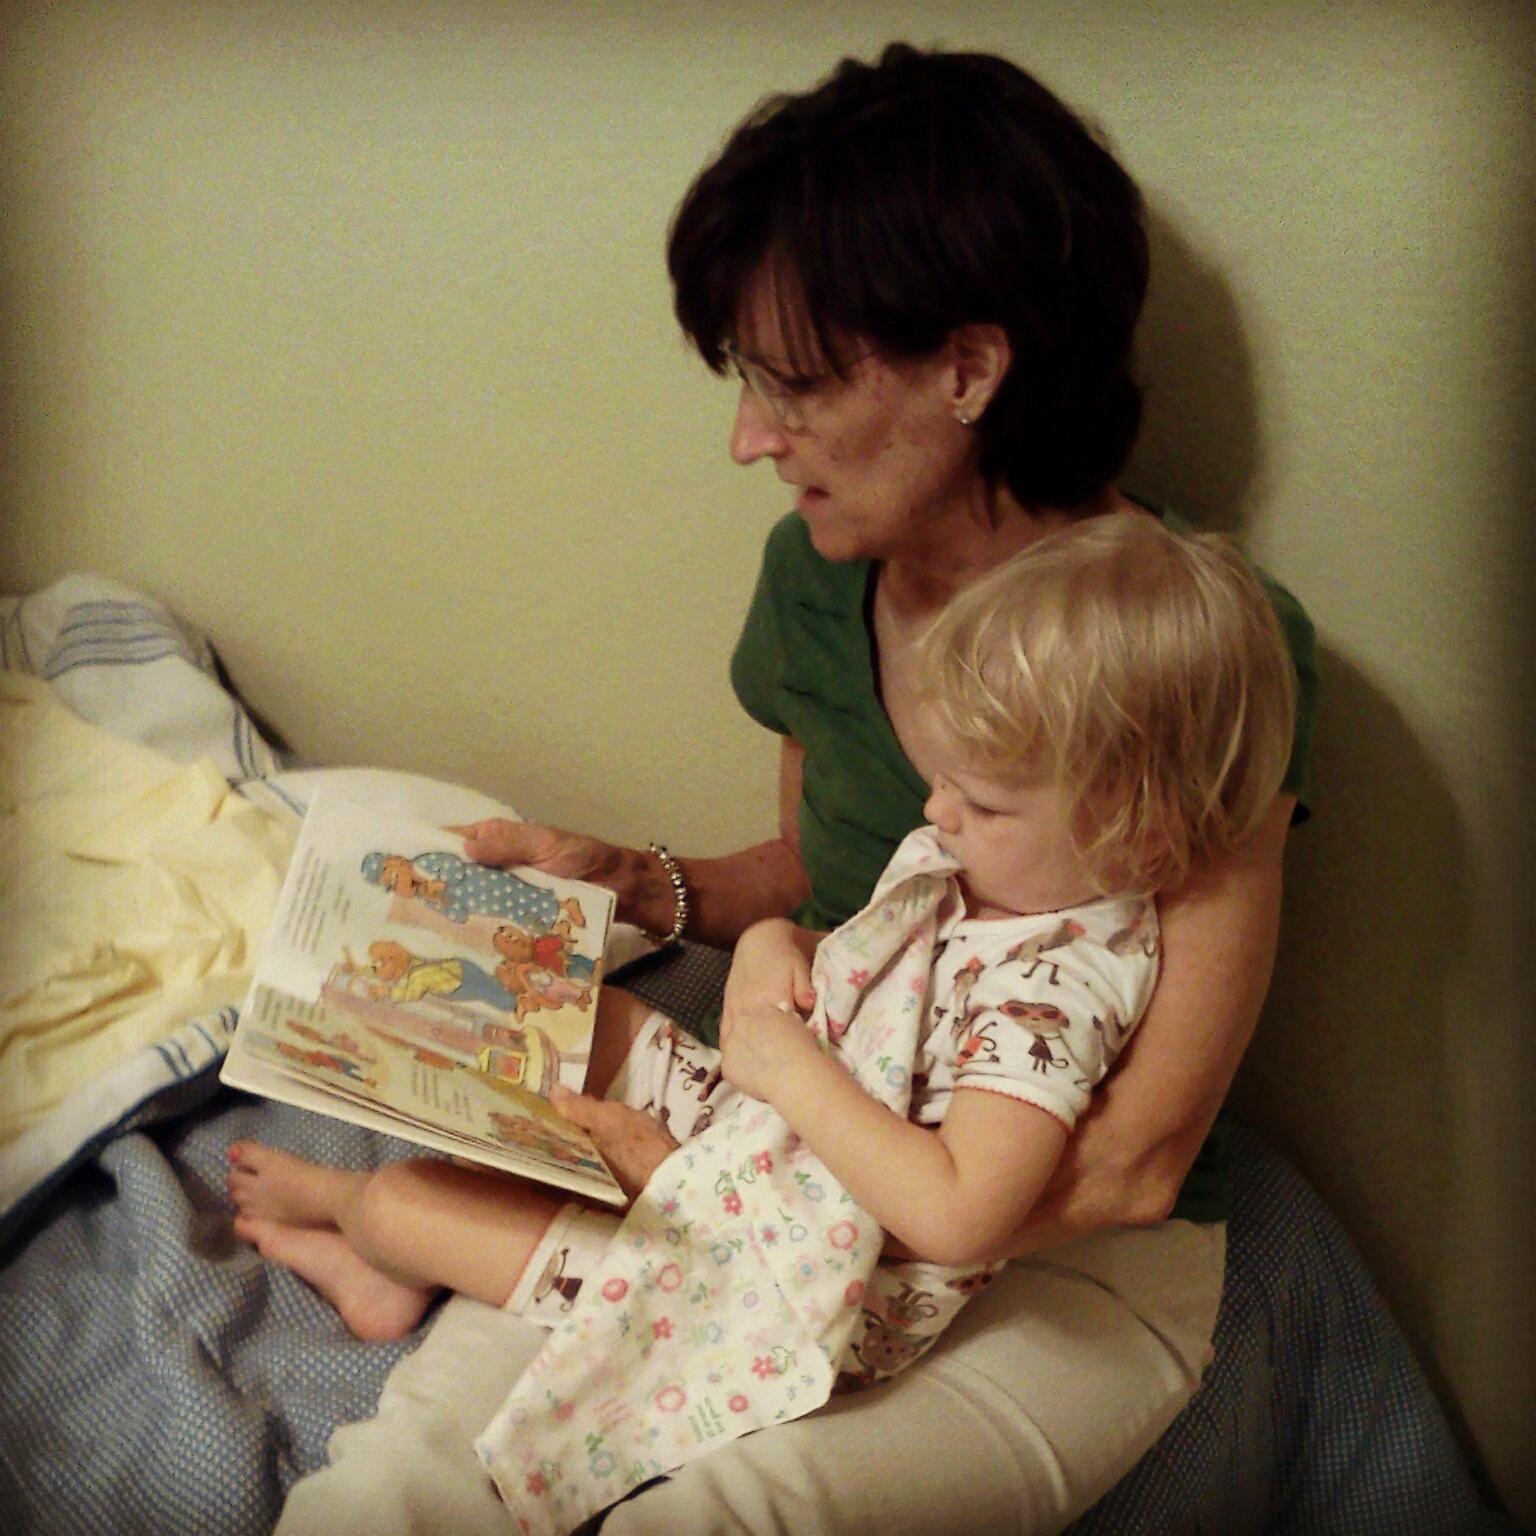 Grandma makes bedtime stories better!